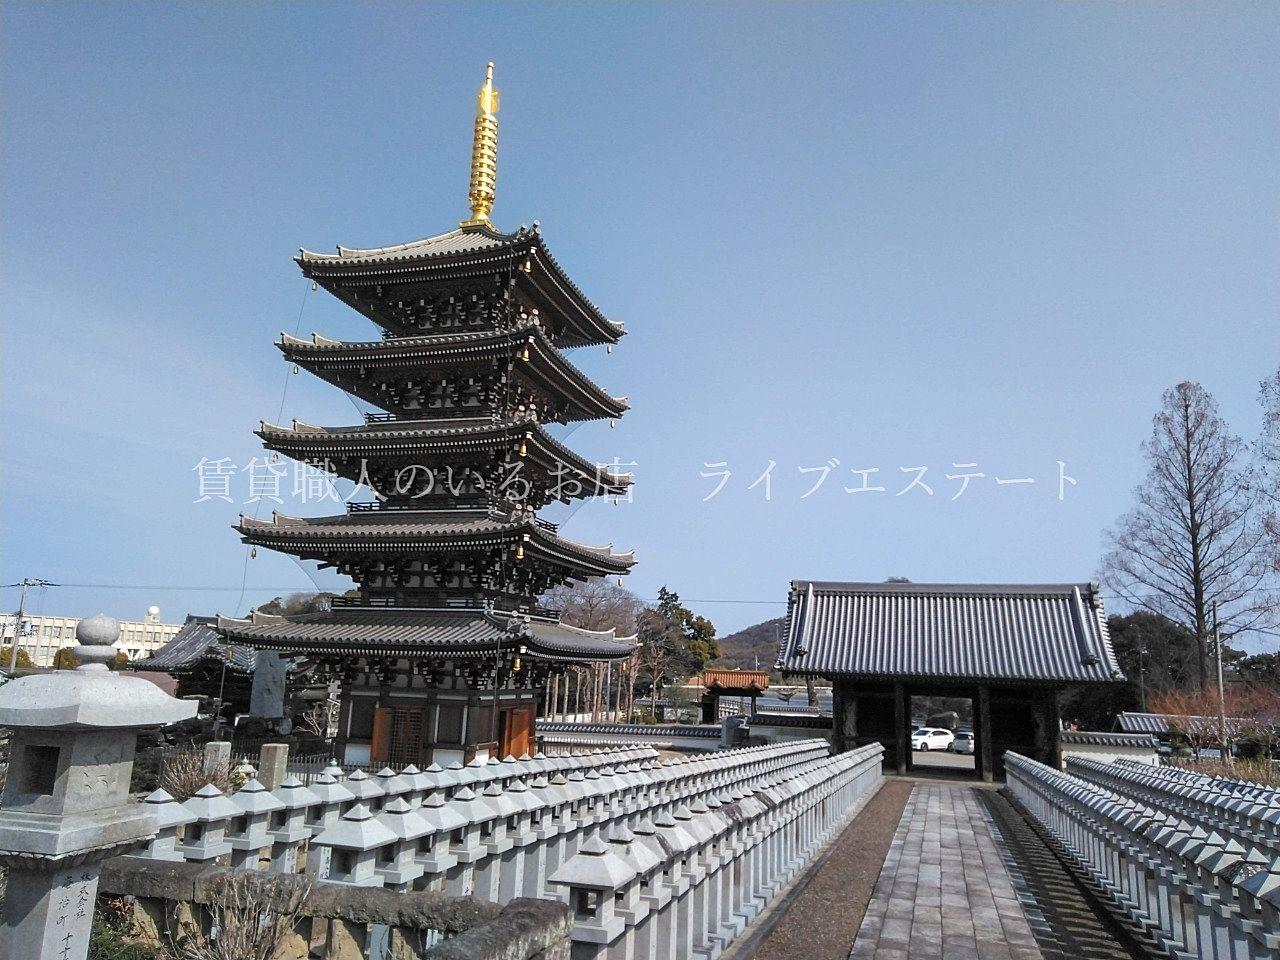 仏生山街道を通って法然寺までお散歩